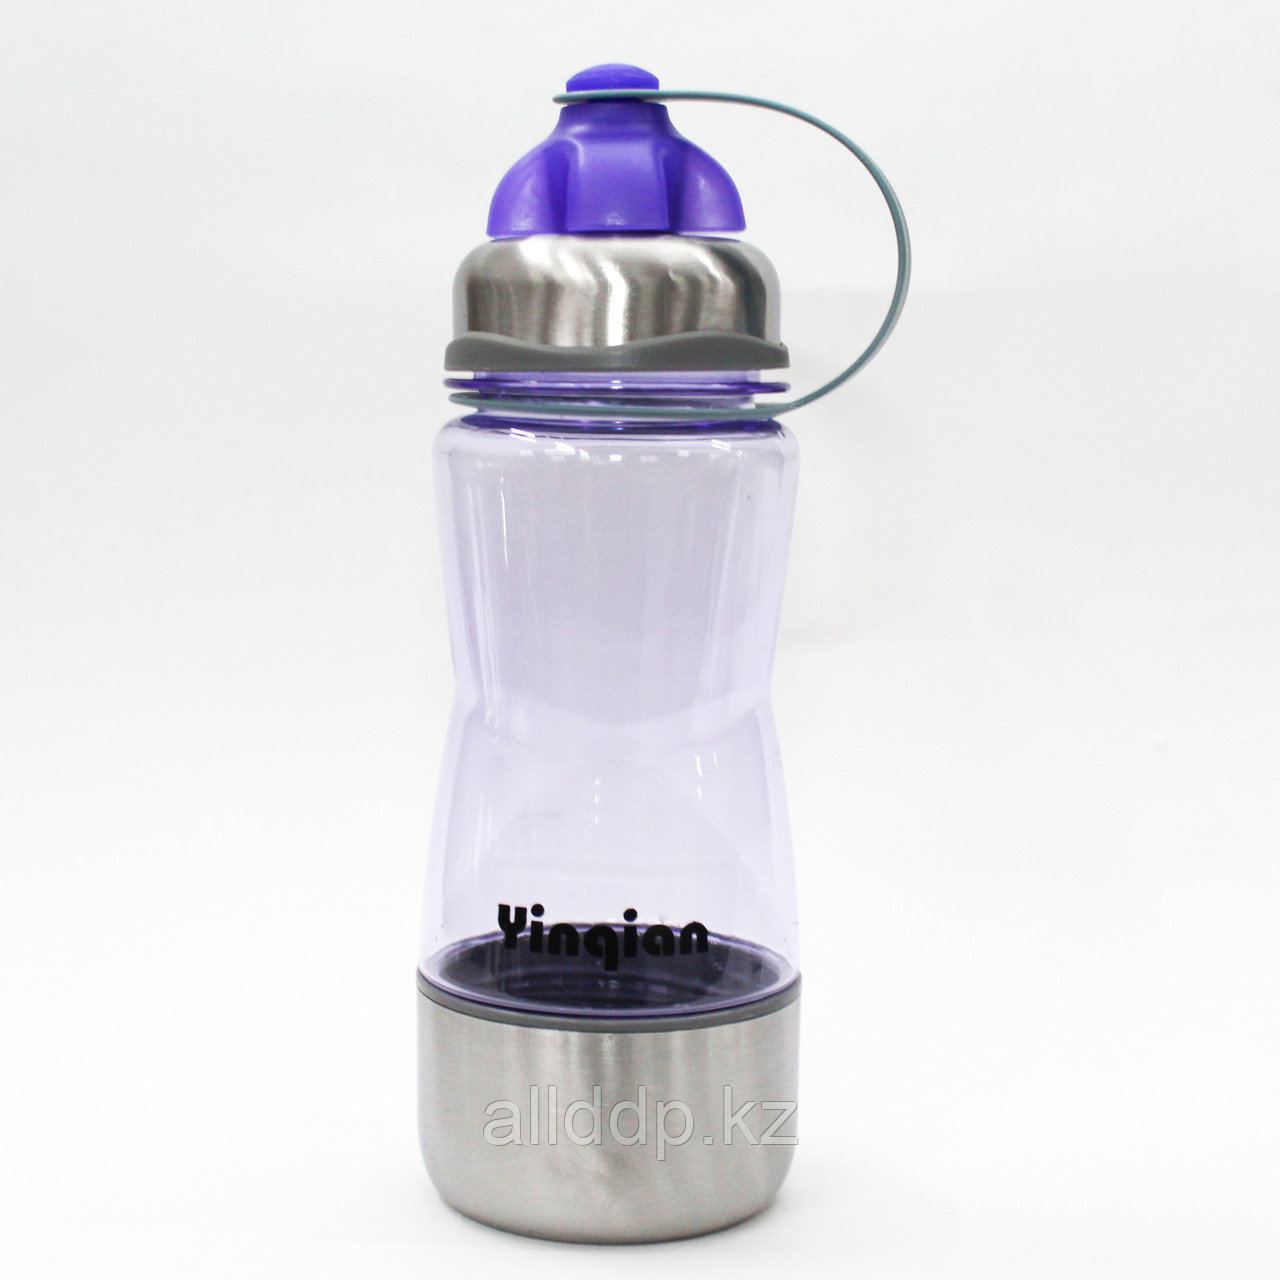 Эко бутылка для воды с поилкой, стаканом, 0,5 л, голубая